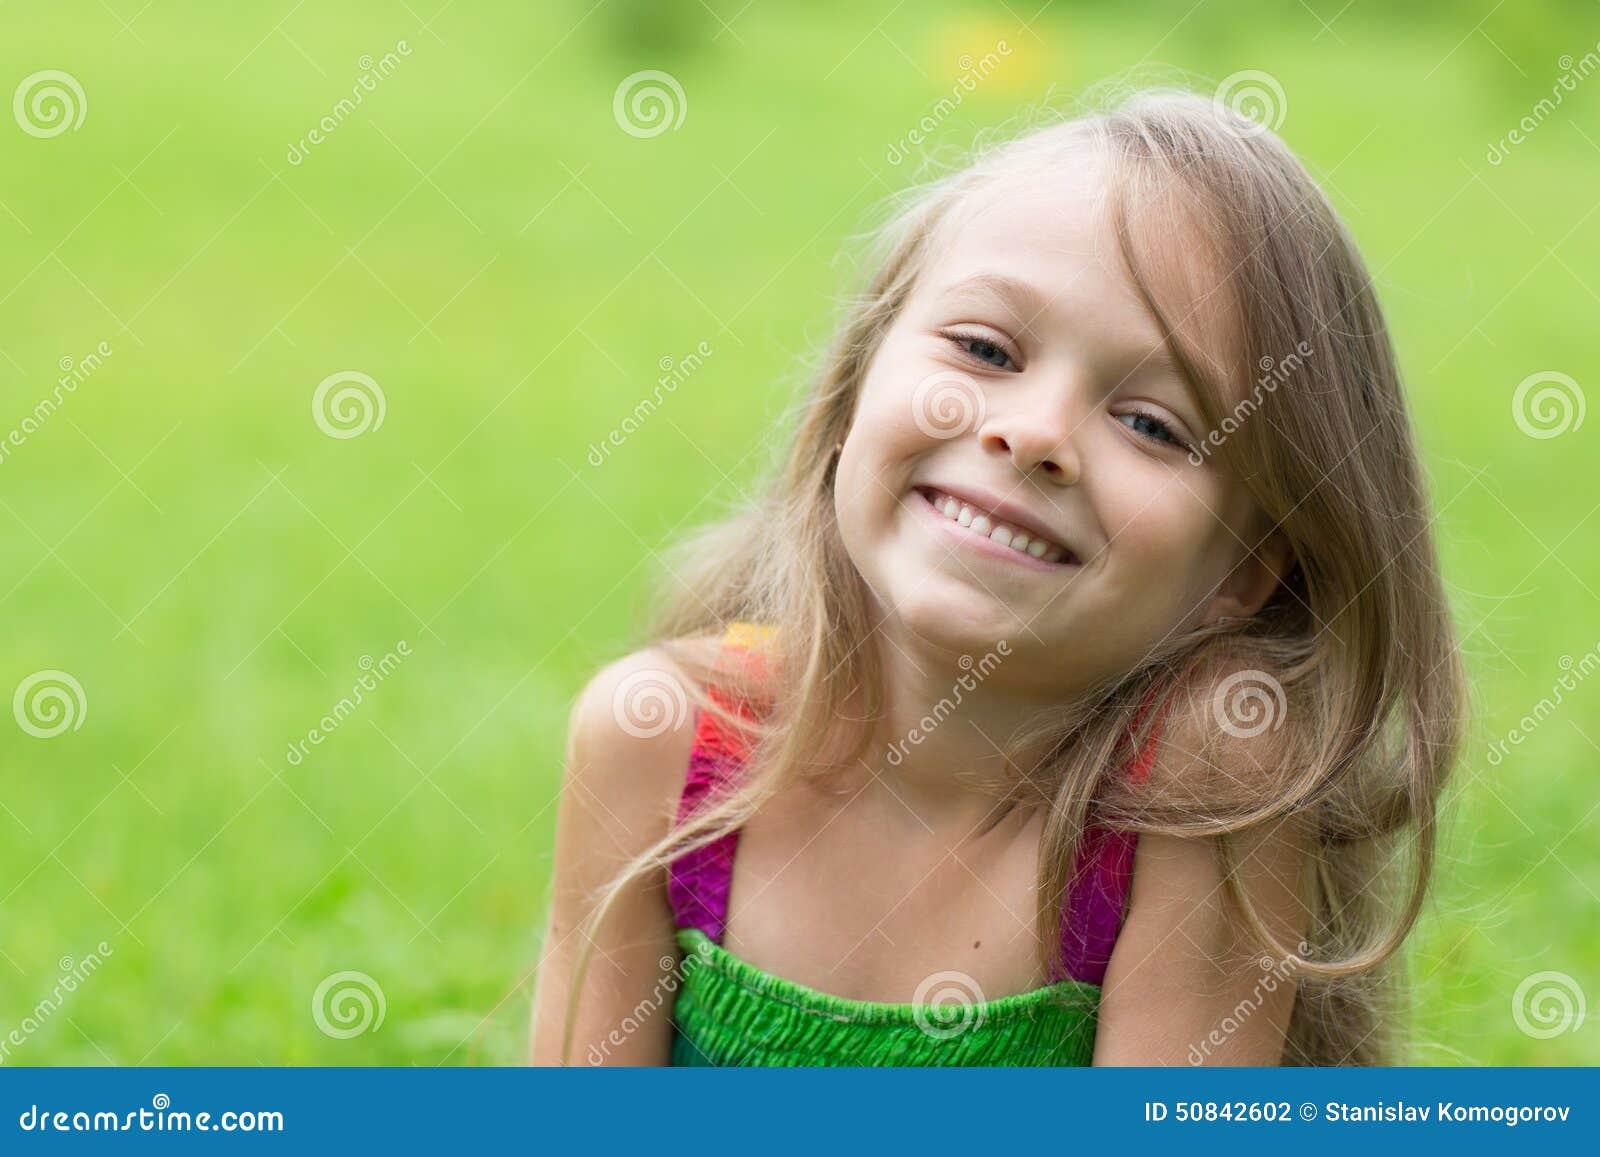 一个小女孩的画象绿色背景的 女孩七年.图片